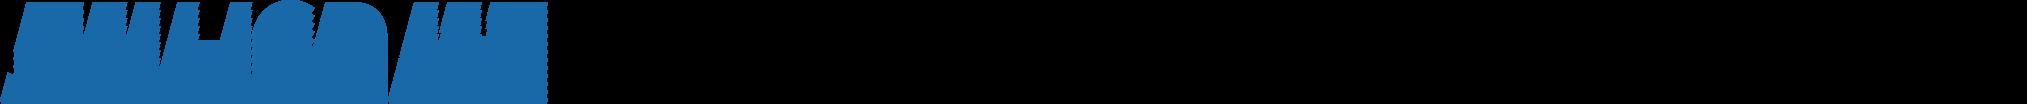 株式会社ハイドロシステム開発